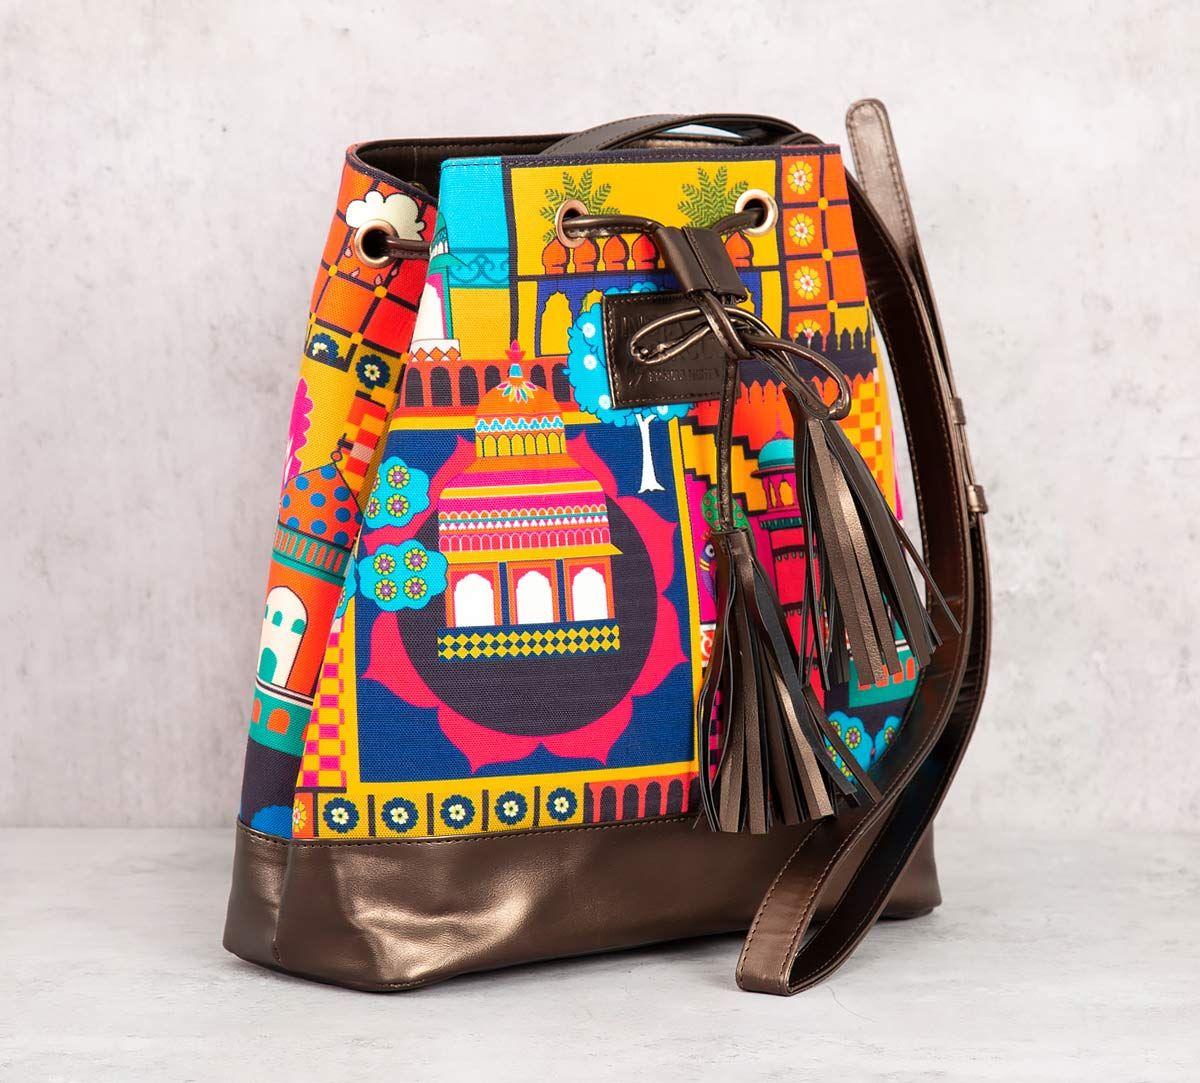 India Circus City Resonance Hobo Bag